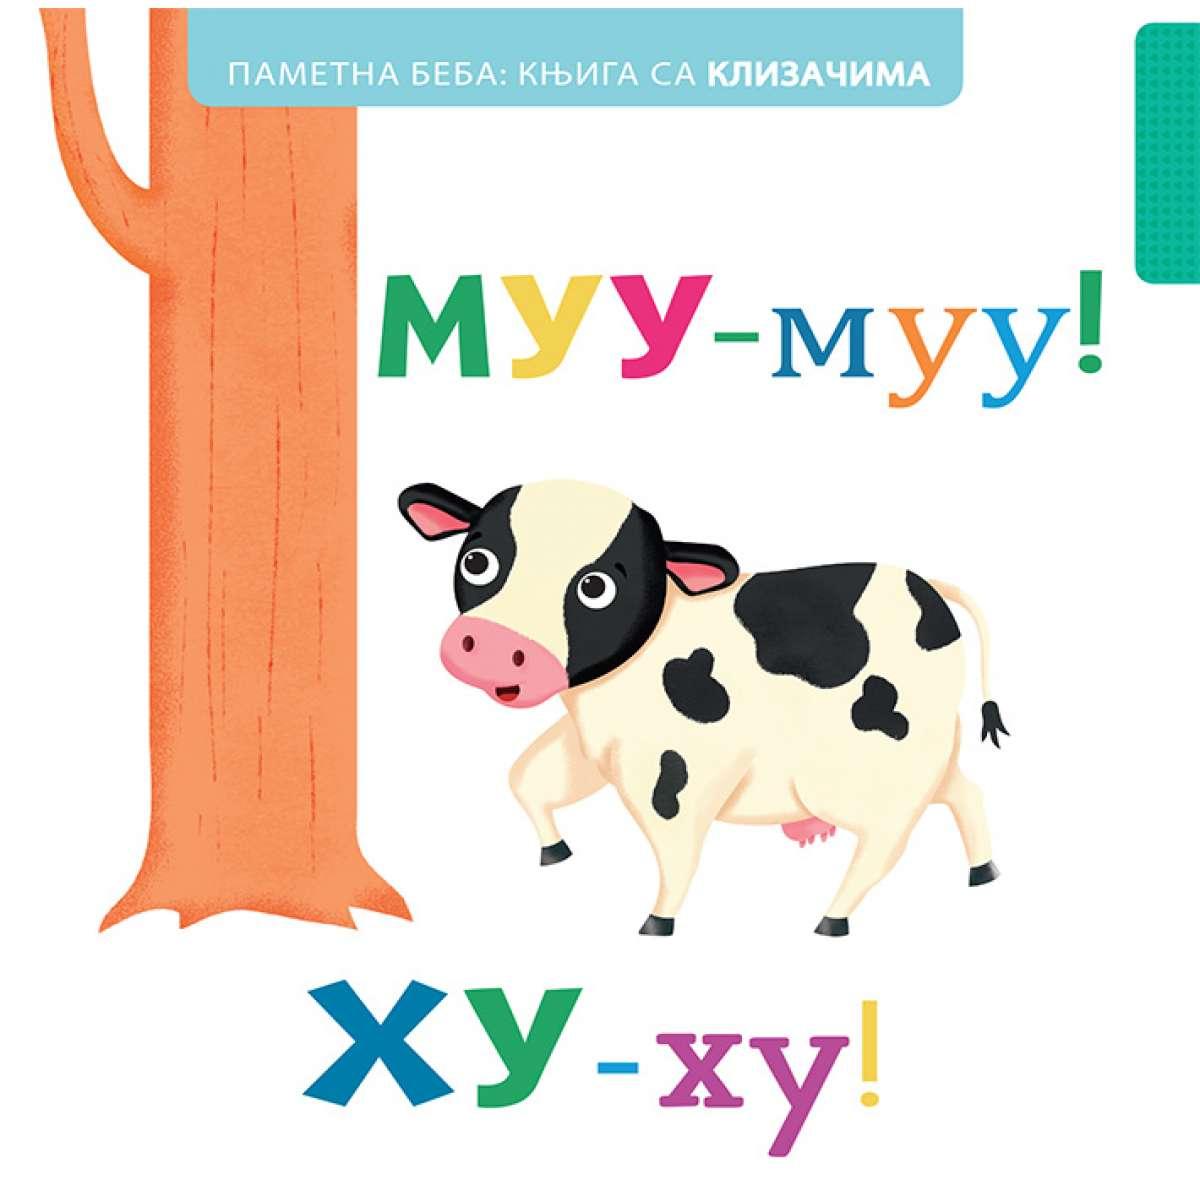 Pametna beba: Knjiga sa klizačima: Muu-muu! Hu-hu!